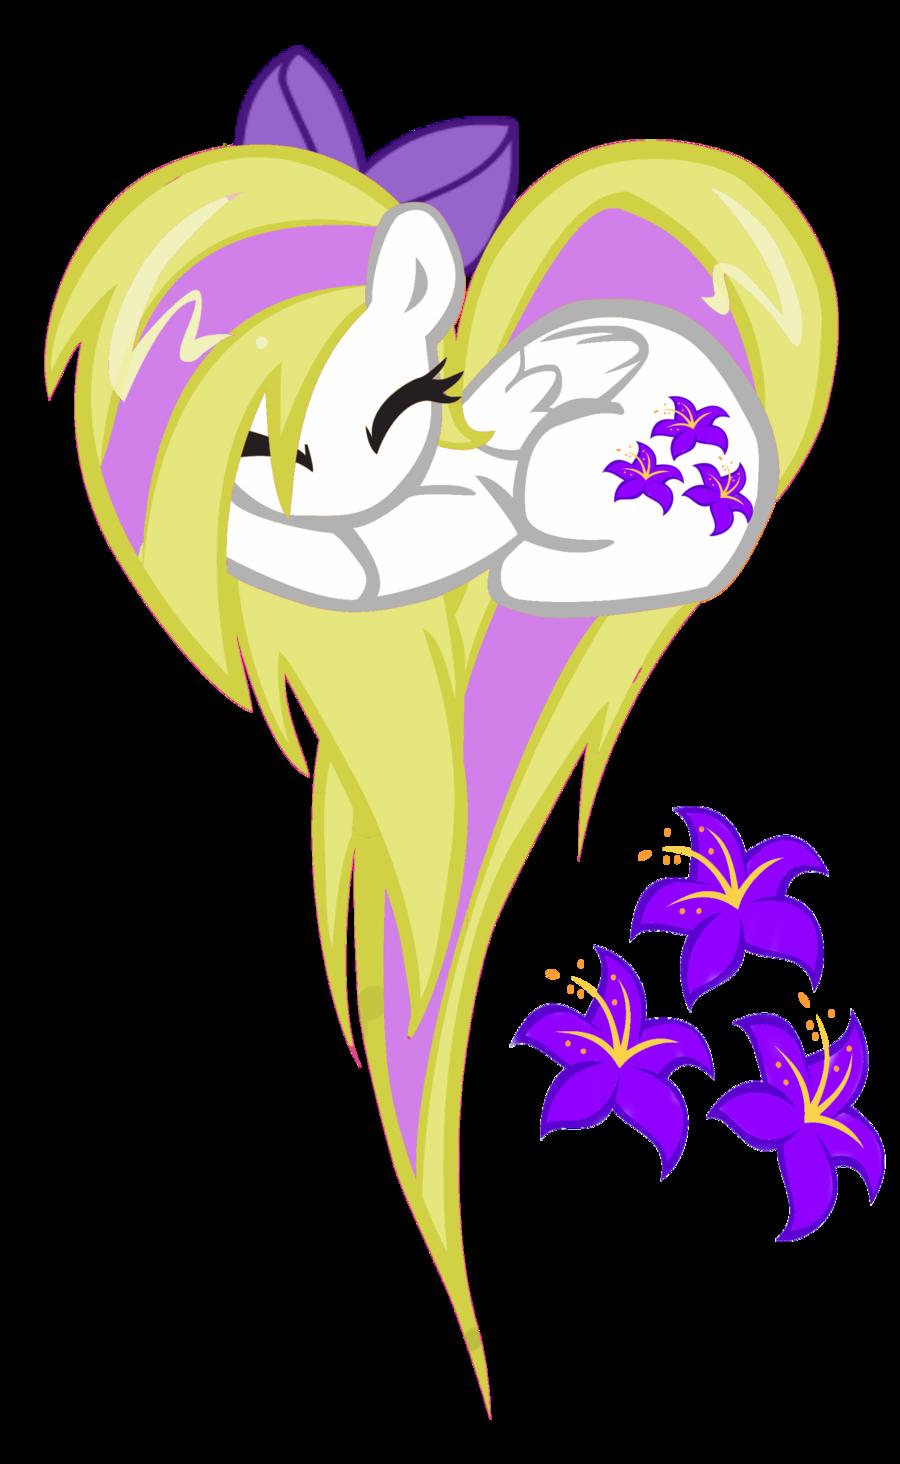 картинки сердечной пони самый популярный вид